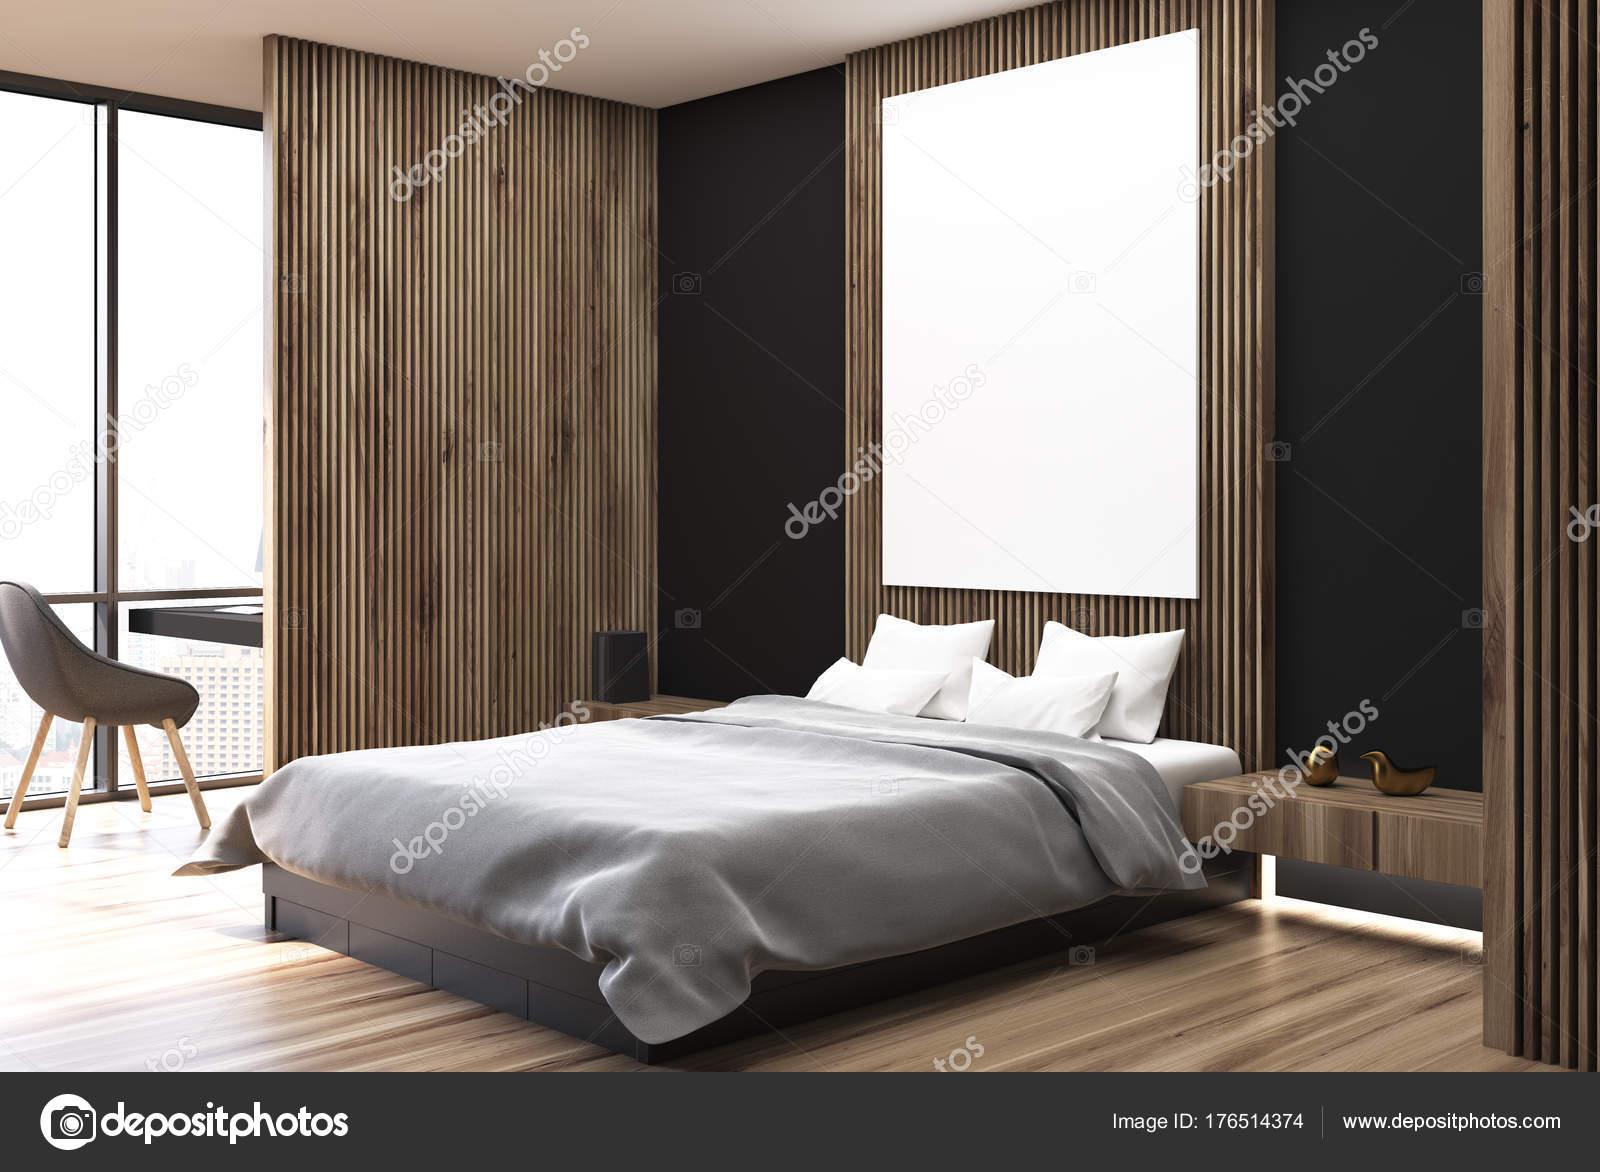 chambre coucher blanche noire et en bois ct photo